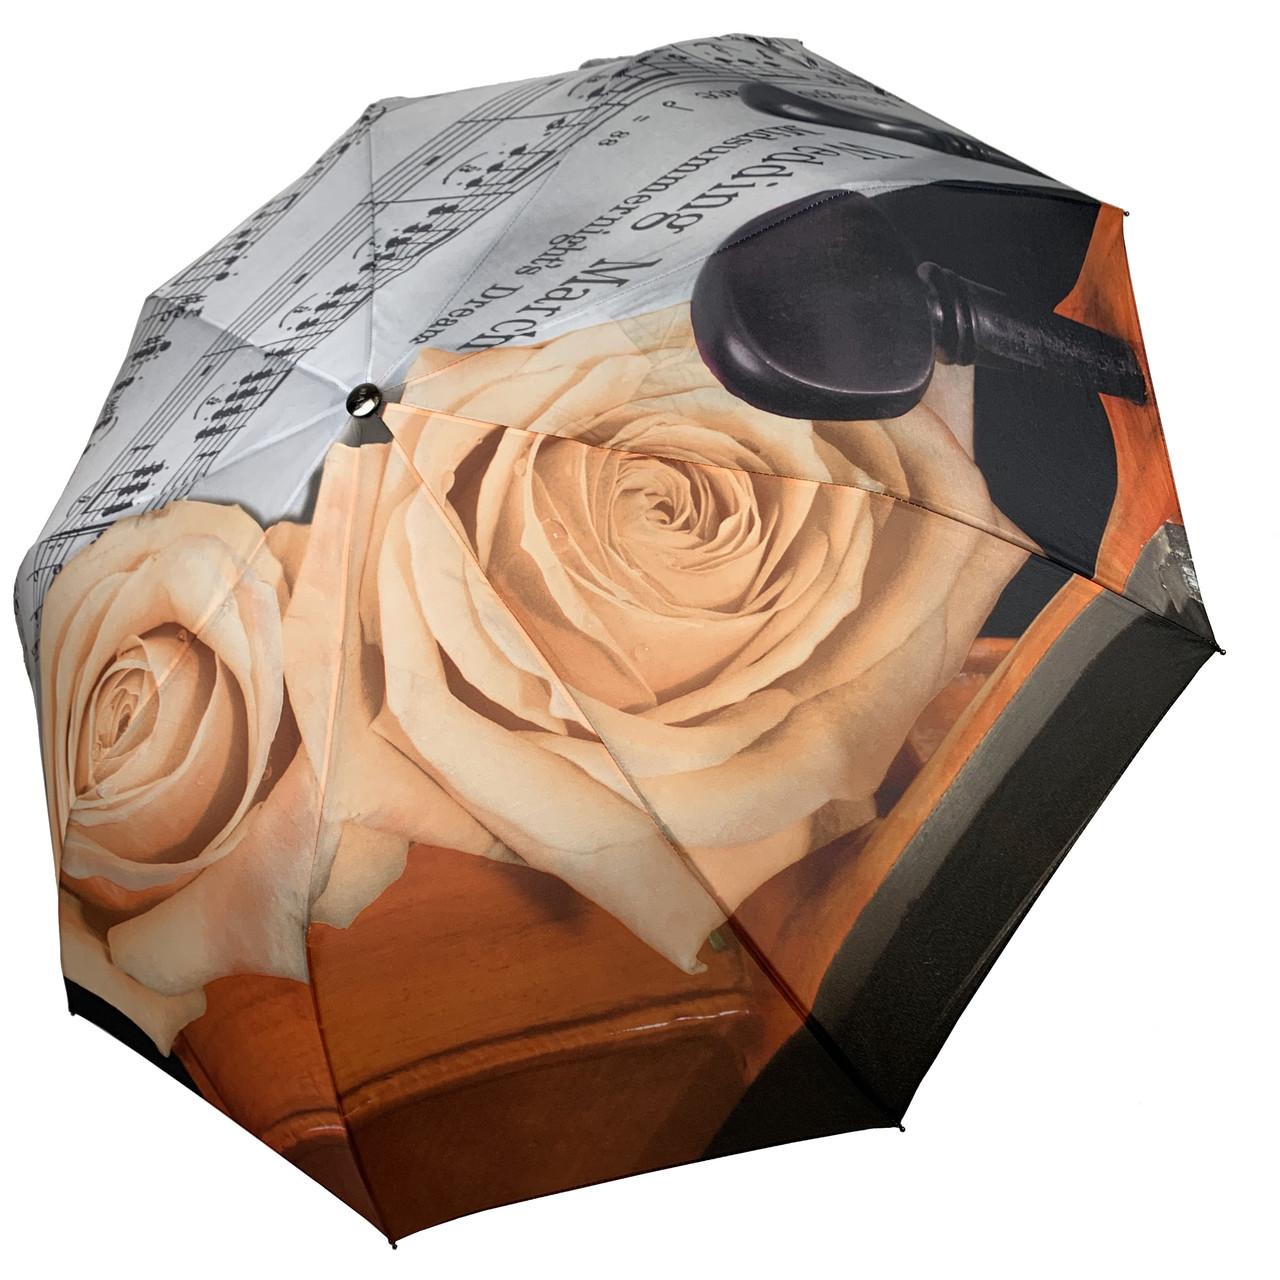 Женский зонт-полуавтомат от Max, с принтом нот и цветков розы персикового цвета,127-2